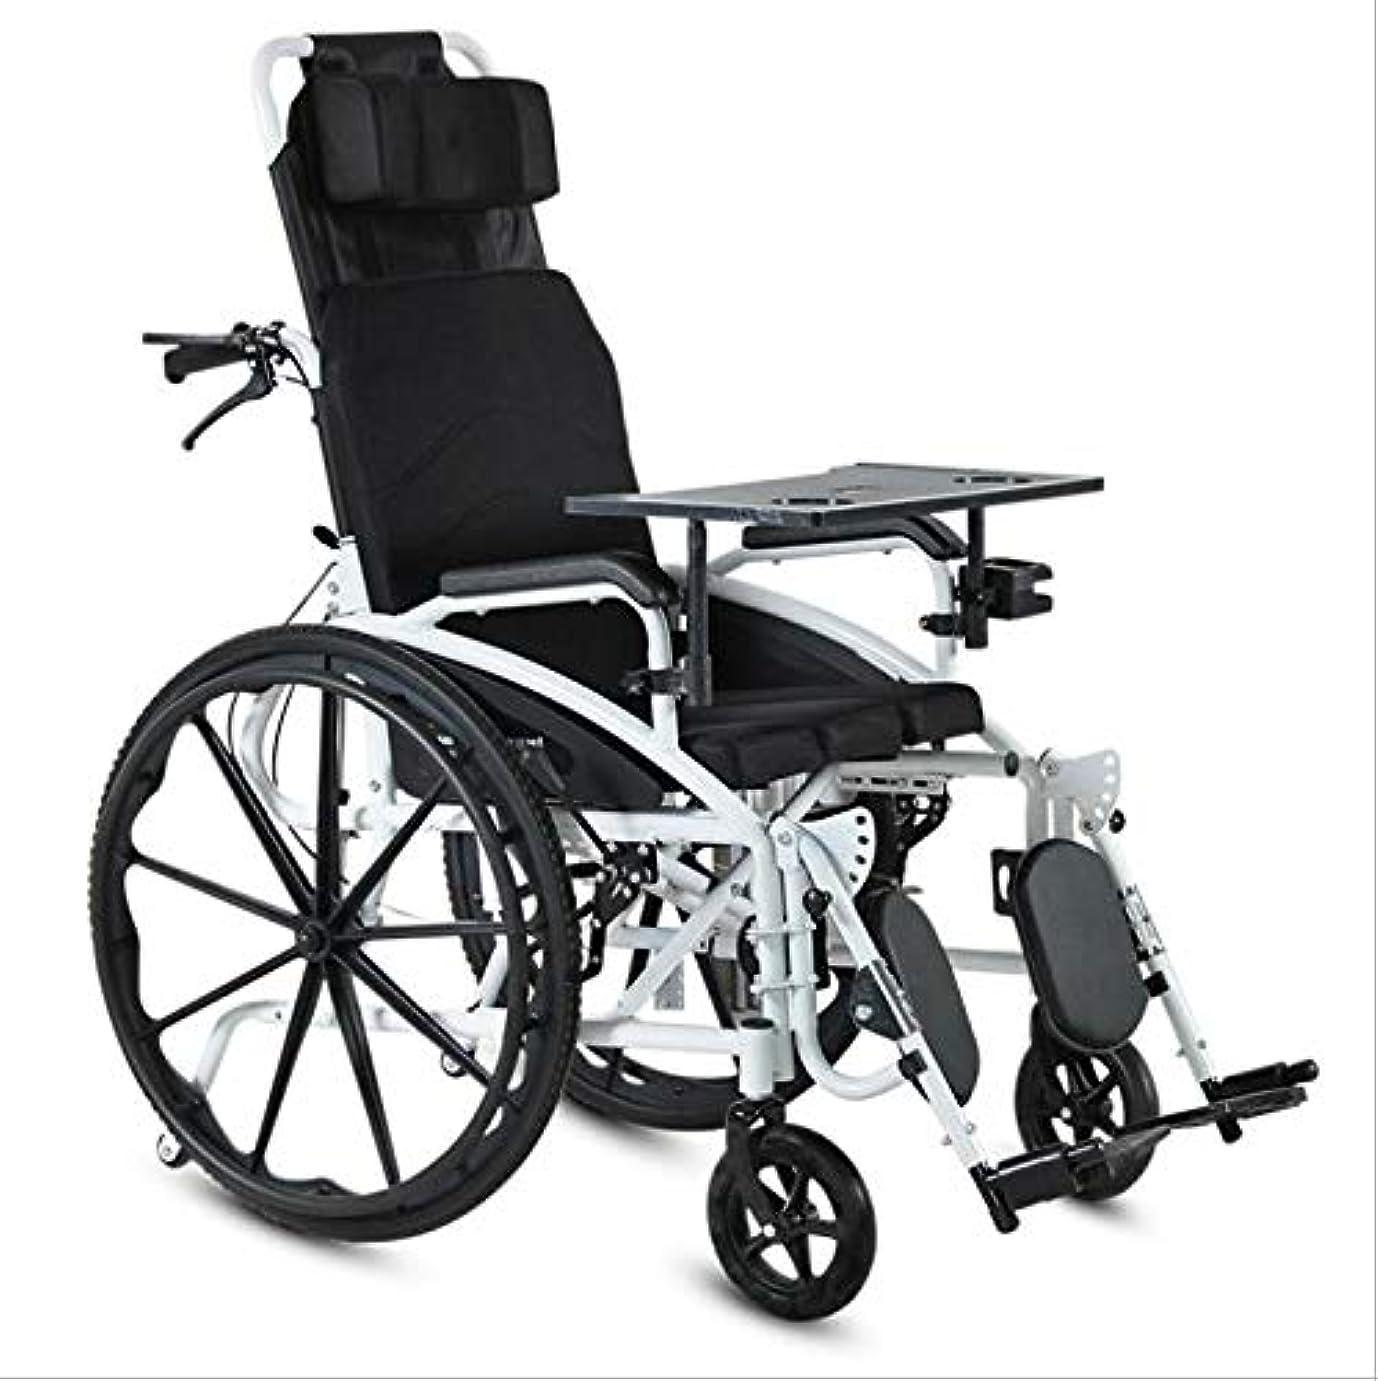 支援する苦難私達デラックス車椅子昇降脚休符デスクの長腕休符パッド入りナイロンシート